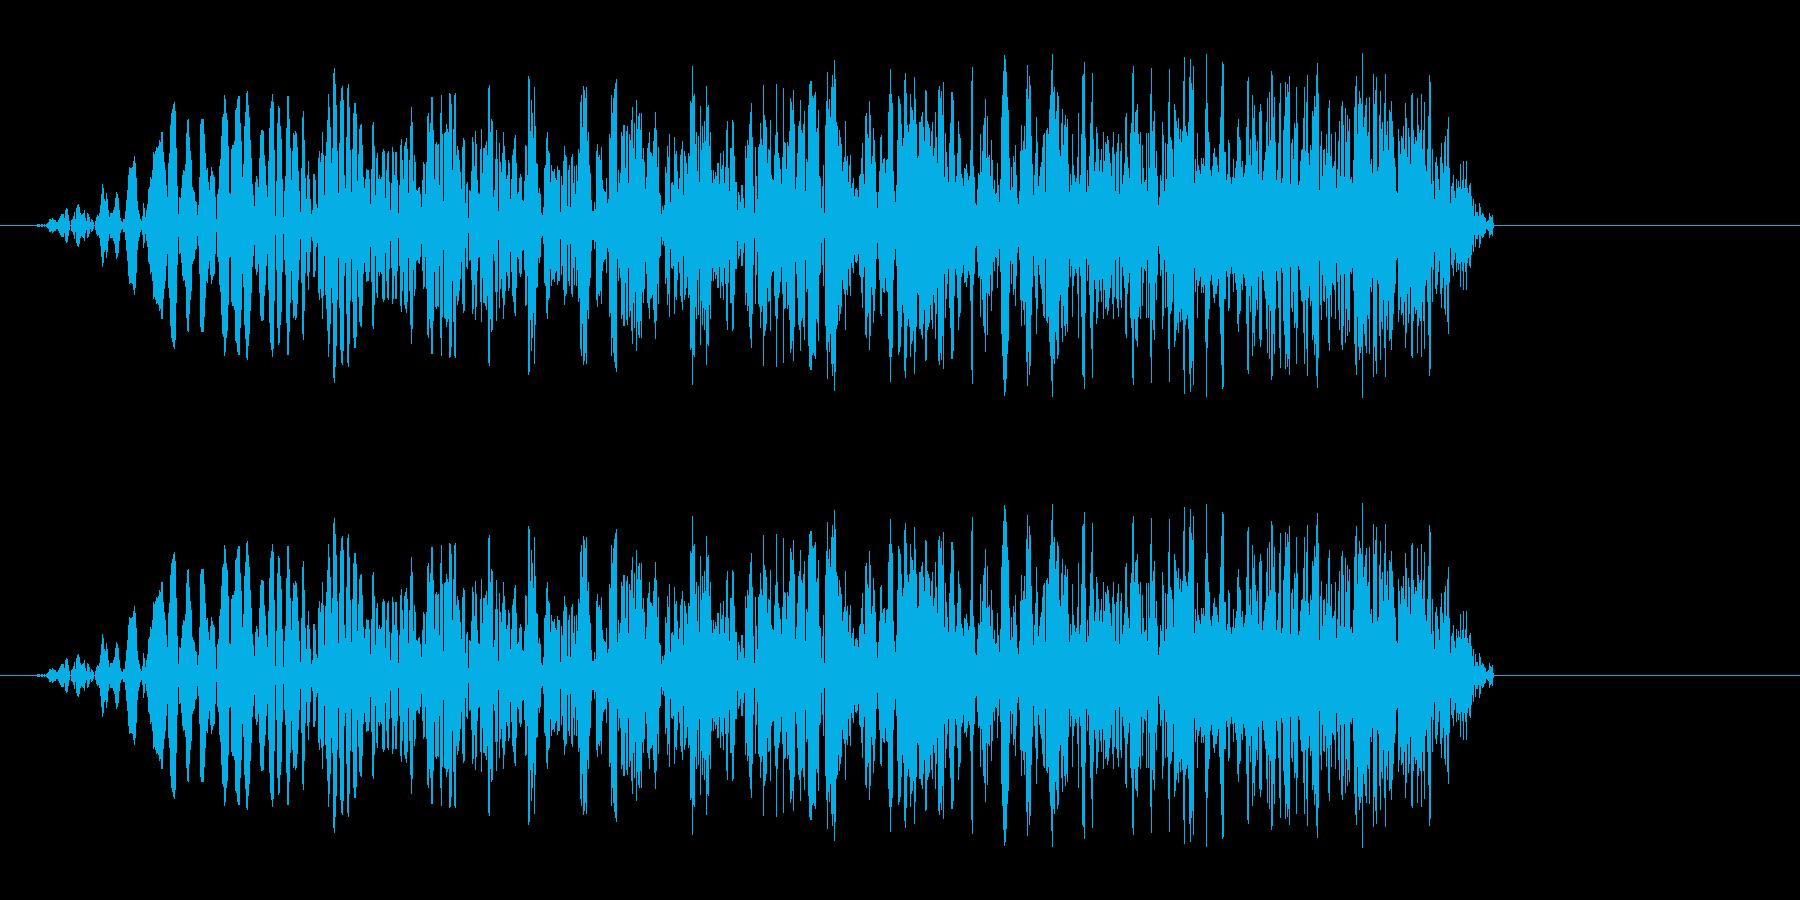 シュシュー↑(素早く移動する時の音)の再生済みの波形